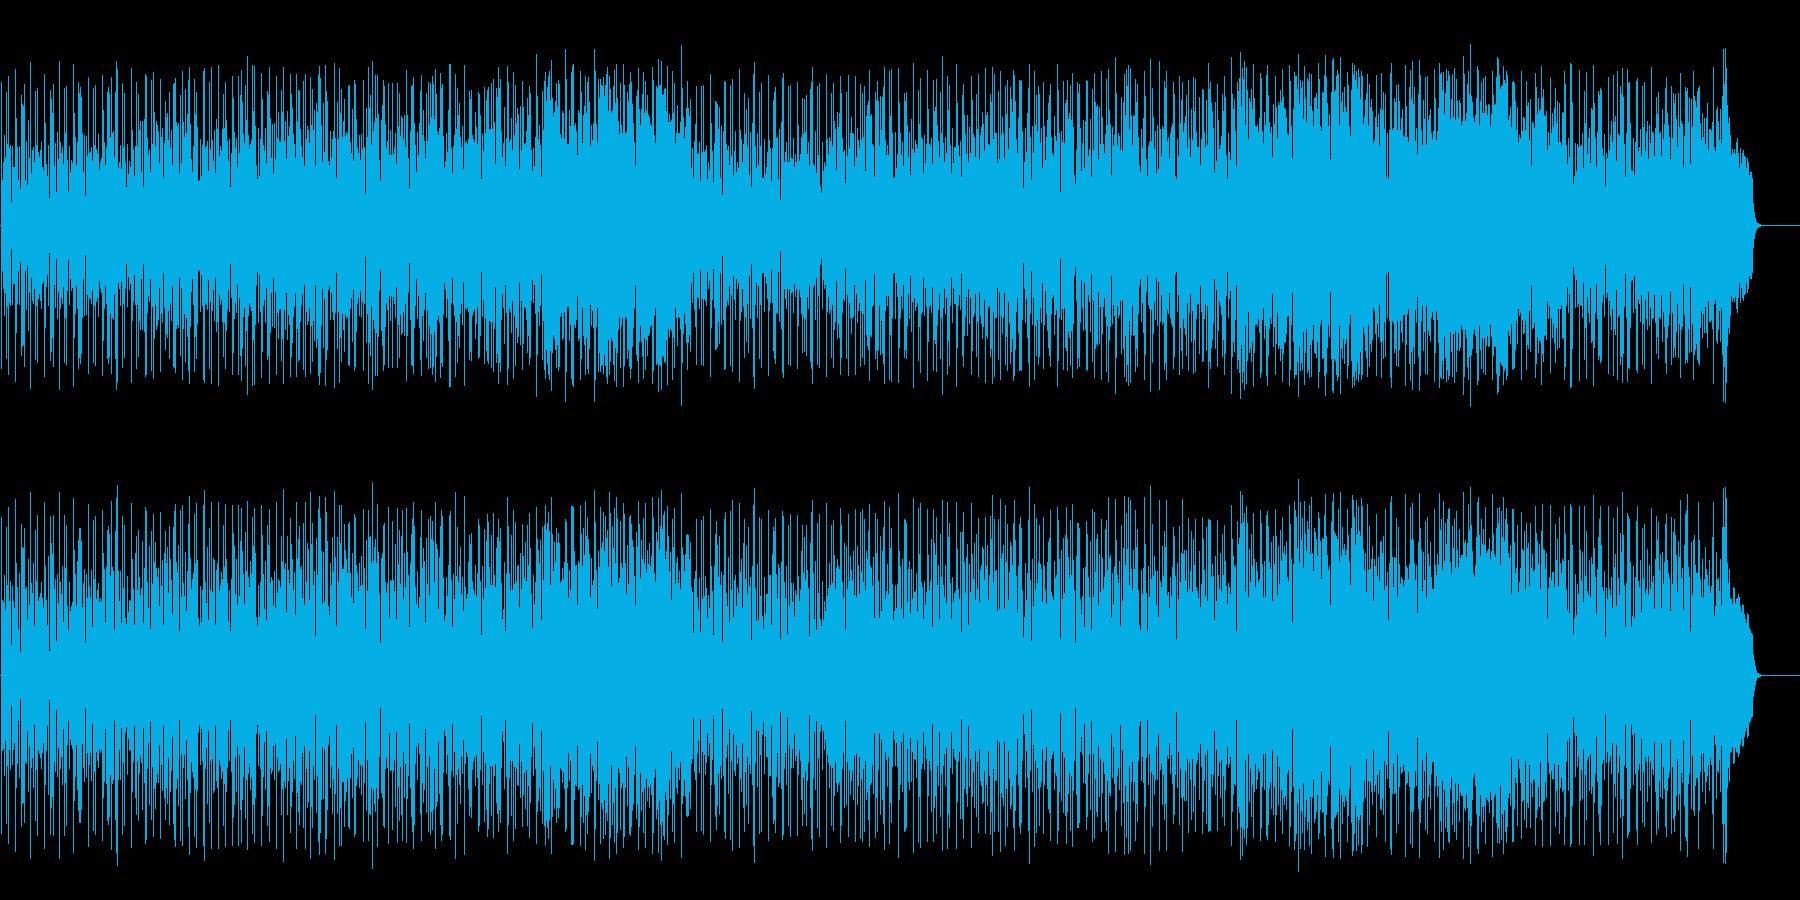 心安まるミディアムポップ(フルサイズ)の再生済みの波形